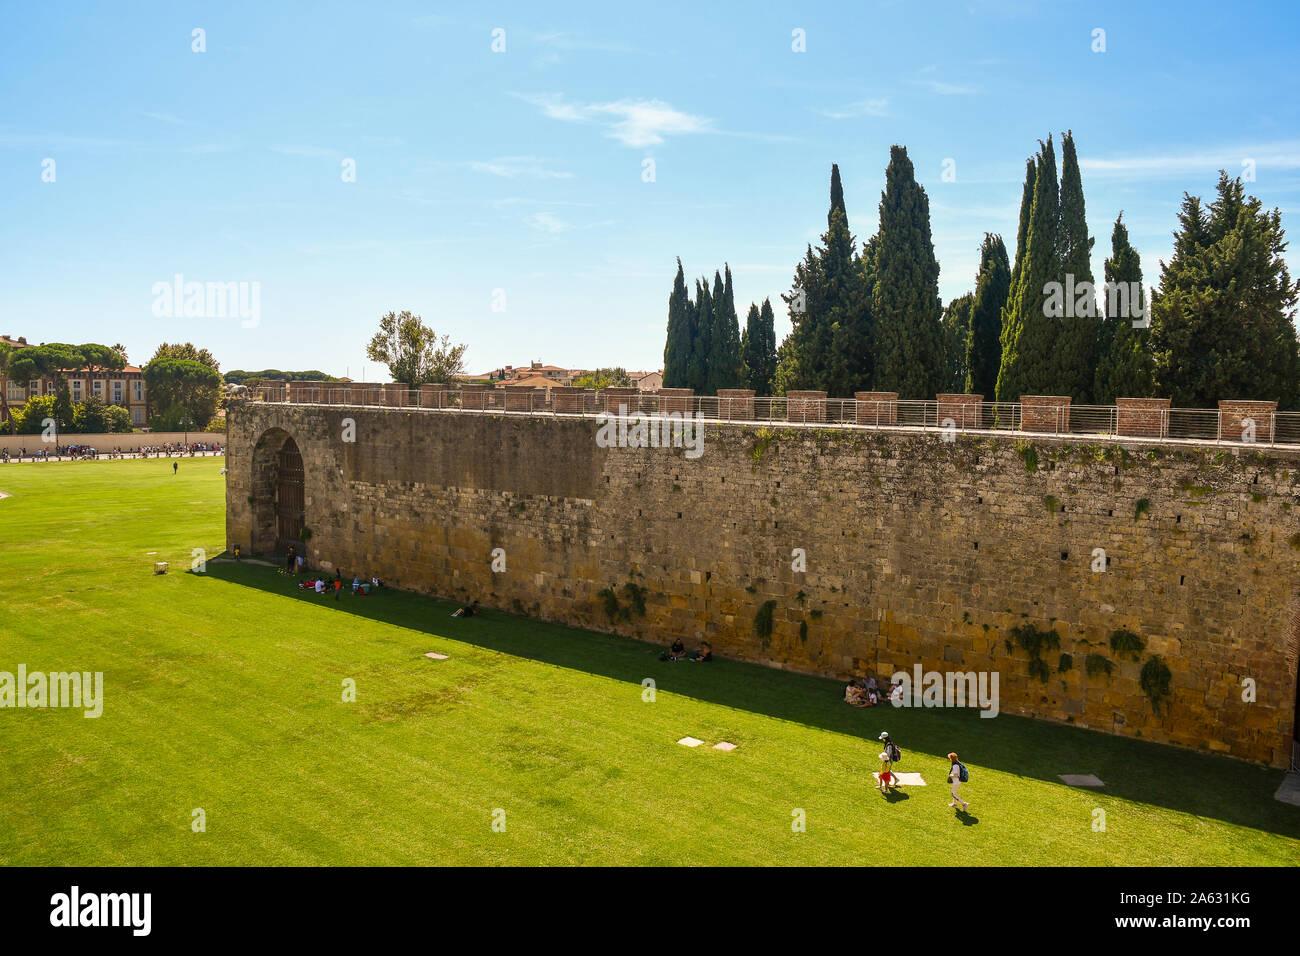 Un alto ángulo de visualización de la famosa Piazza dei Miracoli, en Pisa desde la pasarela elevada sobre las antiguas murallas de la ciudad en un día soleado de verano, Toscana, Italia Foto de stock